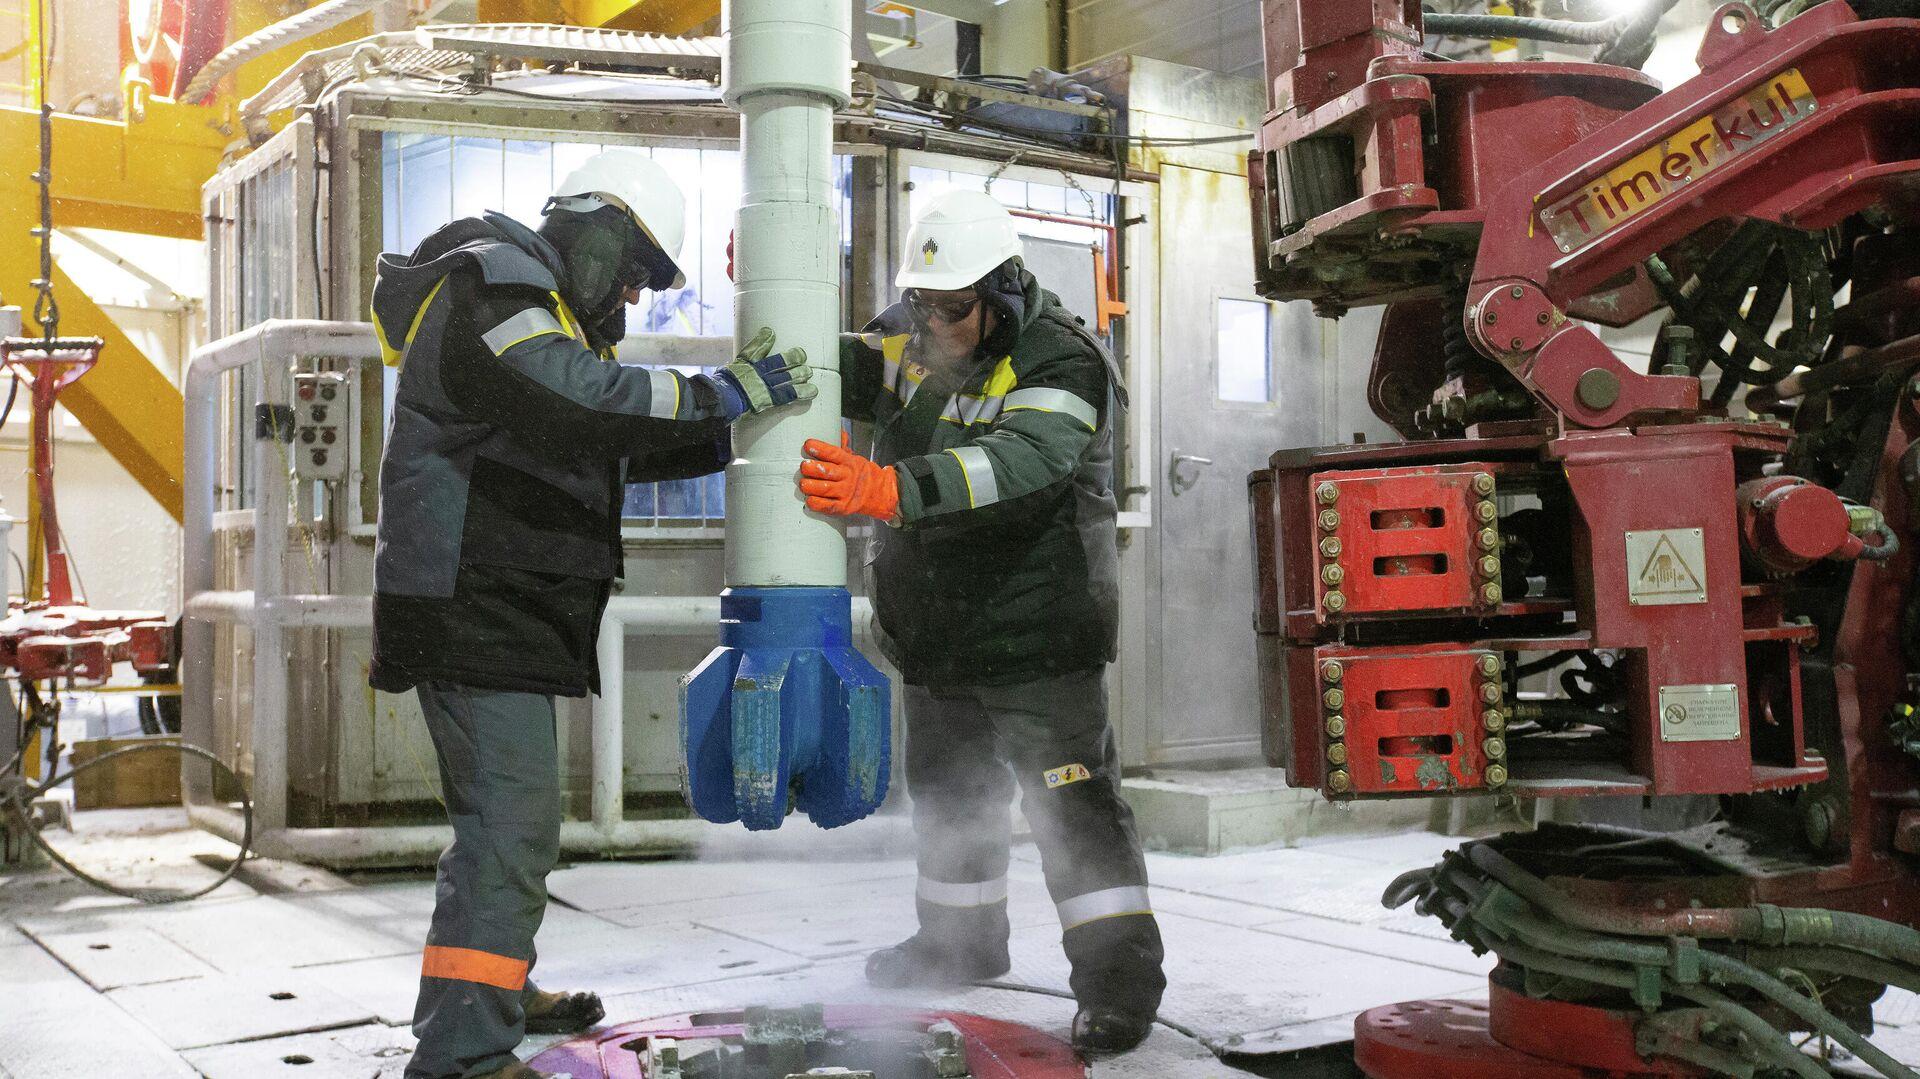 Рабочие на нефтеперерабатывющем заводе - РИА Новости, 1920, 05.03.2021